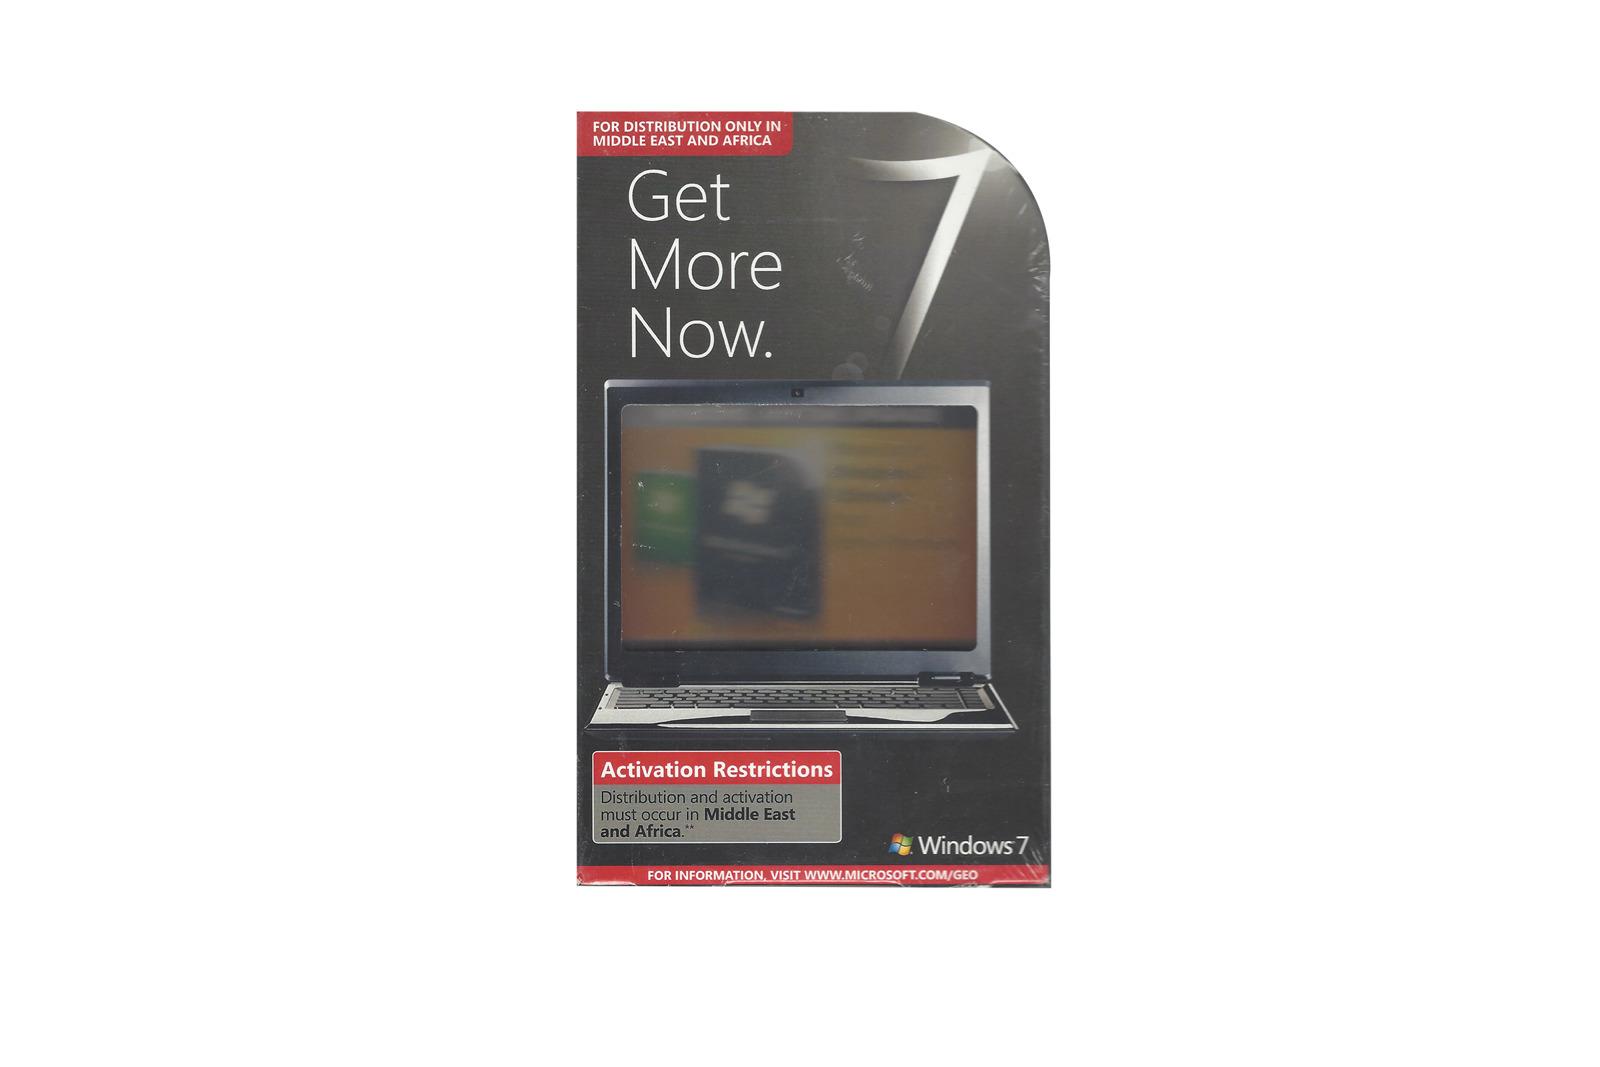 Neues Windows 7 Home Basic auf Premium 3WC-00001-Upgrade 32/64 bit Mittlerer Osten / Afrika BOX